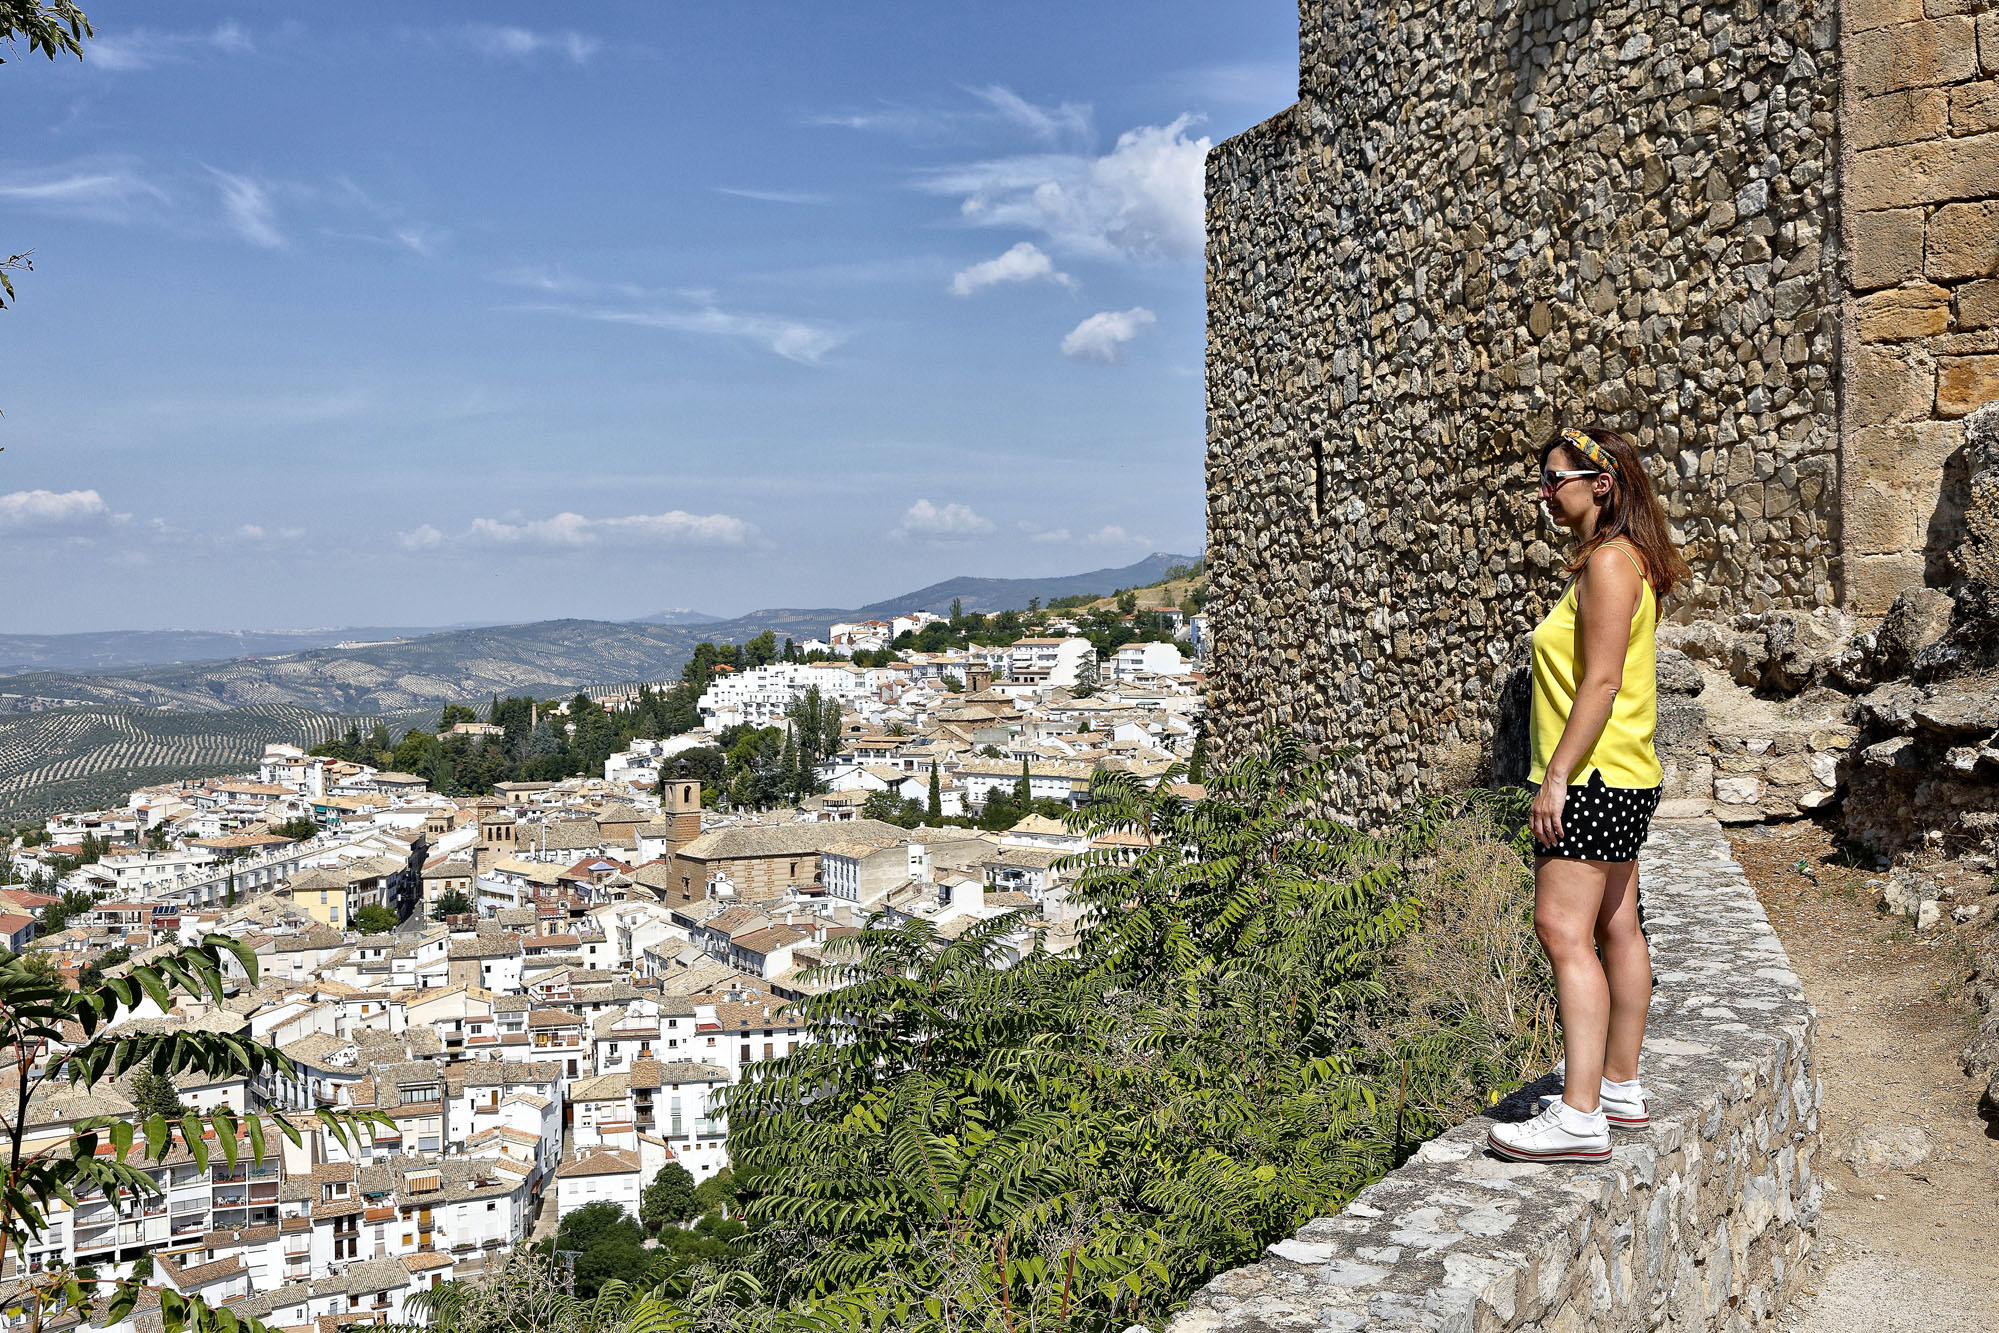 Las vistas desde el castillo ya son una buena recompensa.